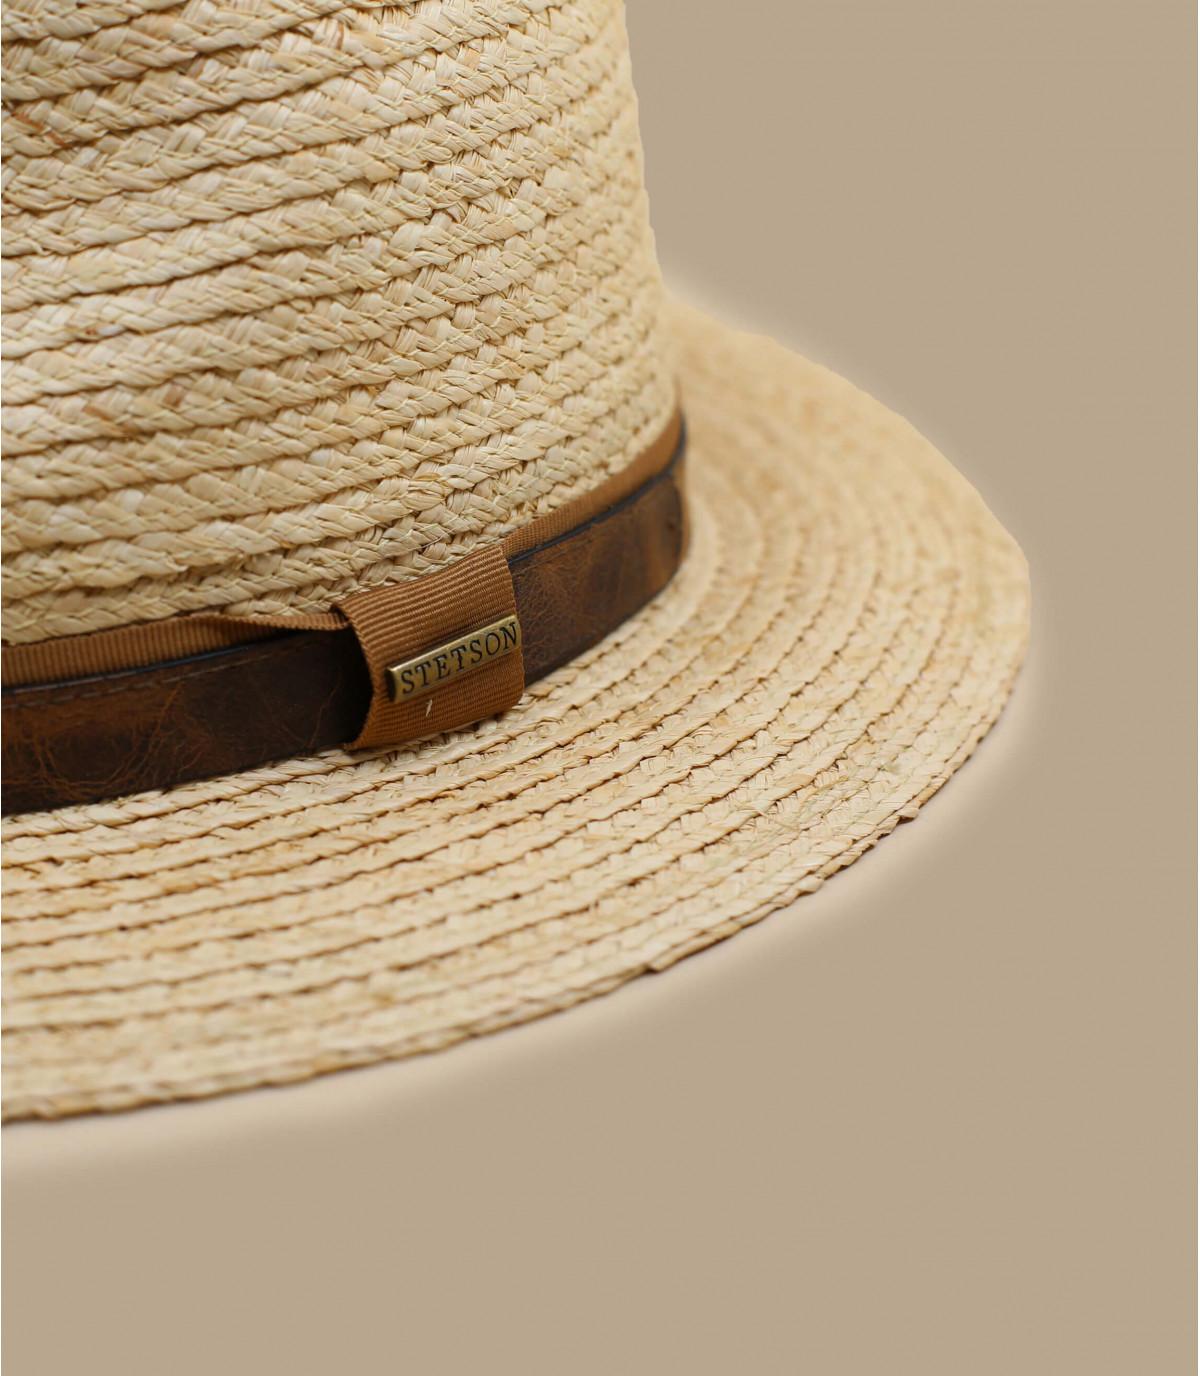 sombrero paja beis Stetson